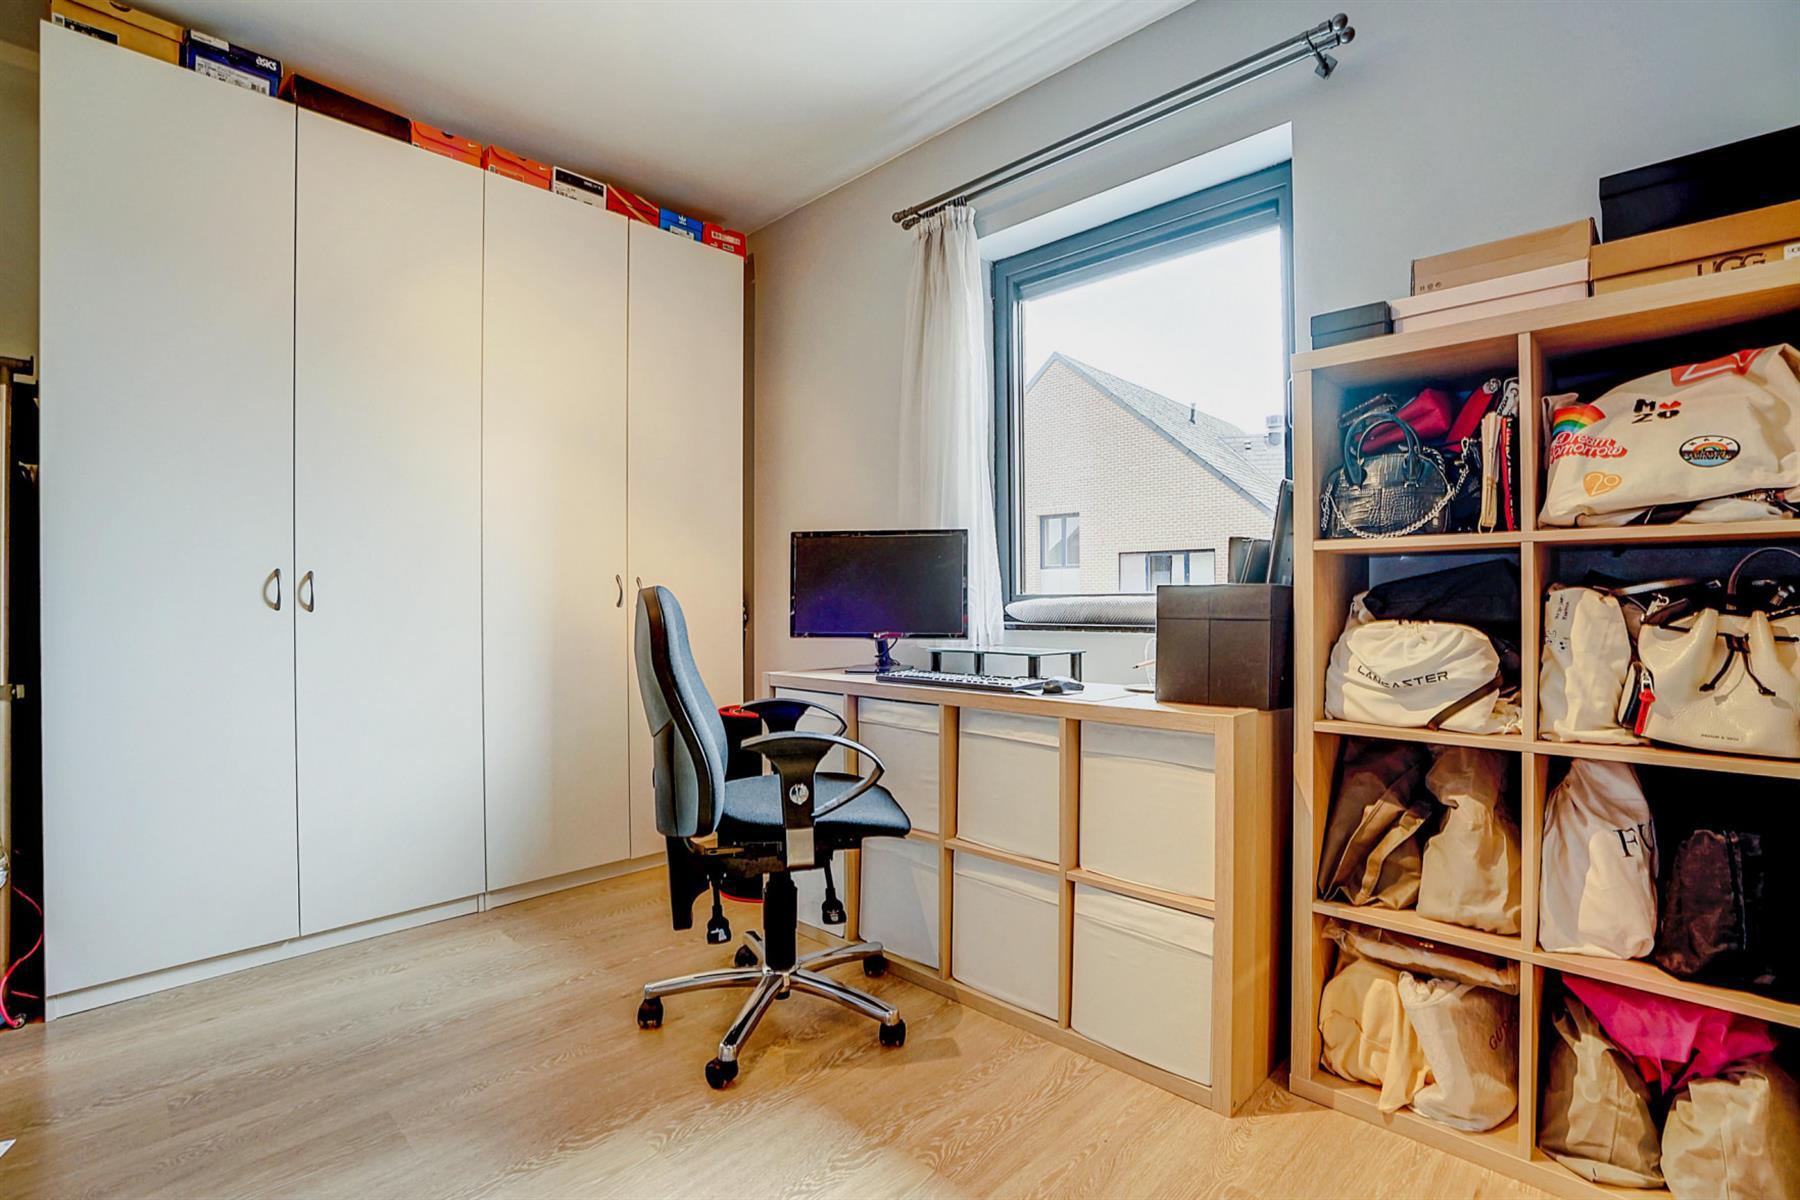 Appartement - Ottignies-louvain-la-neuve - #4505964-17